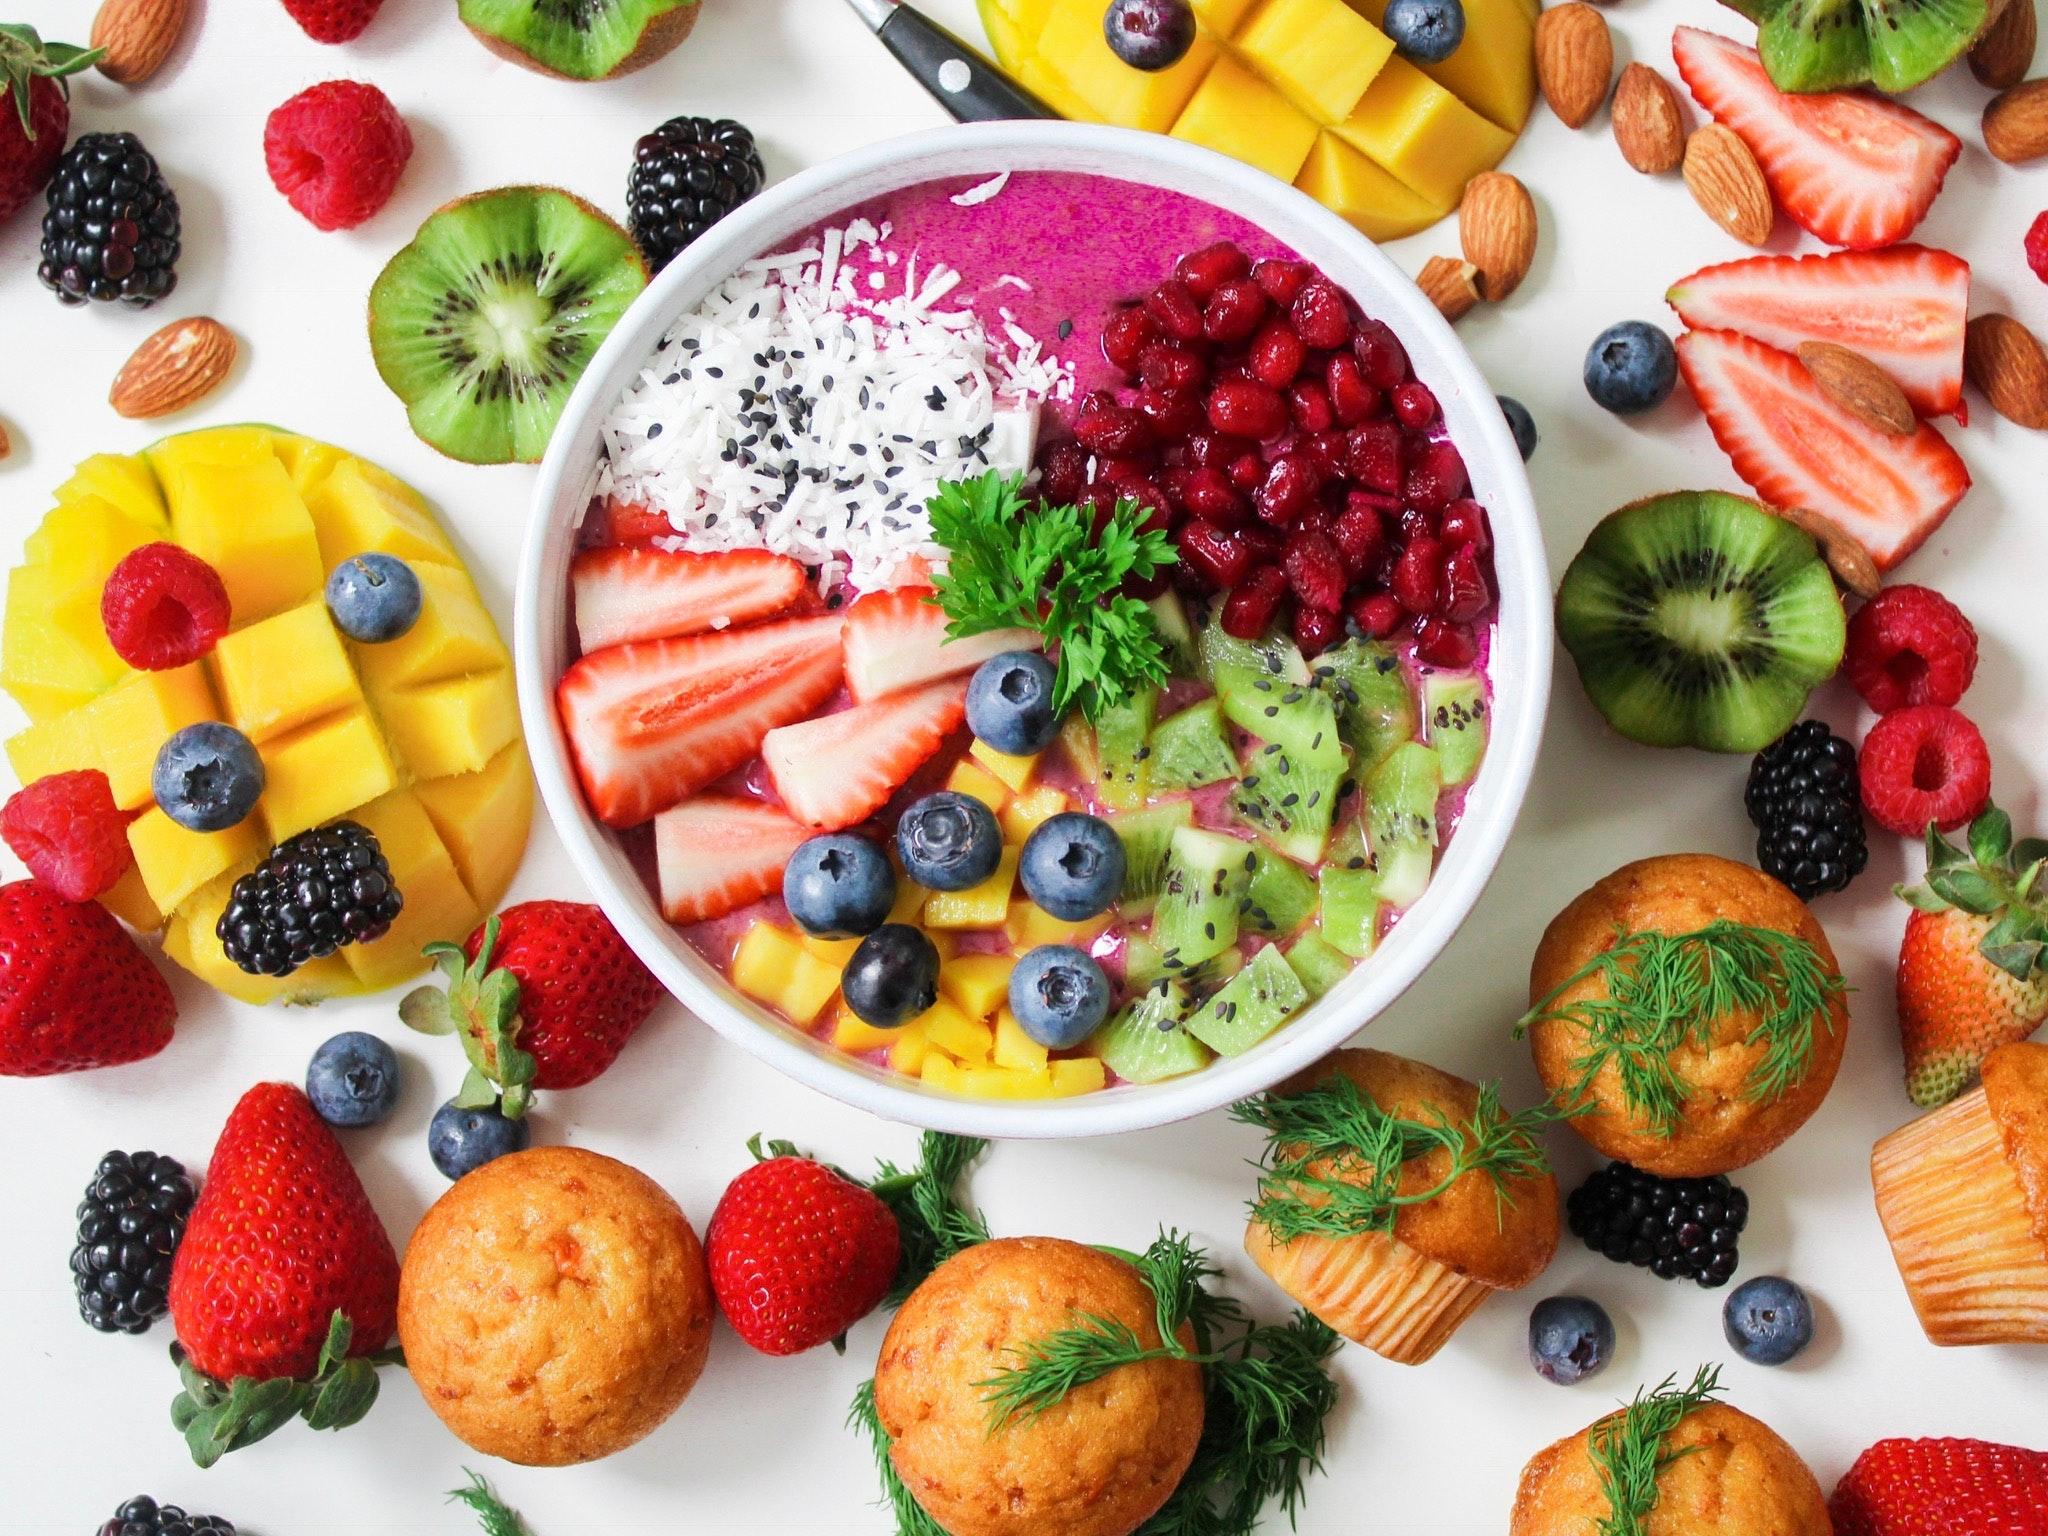 Resultado de imagen para healthy food